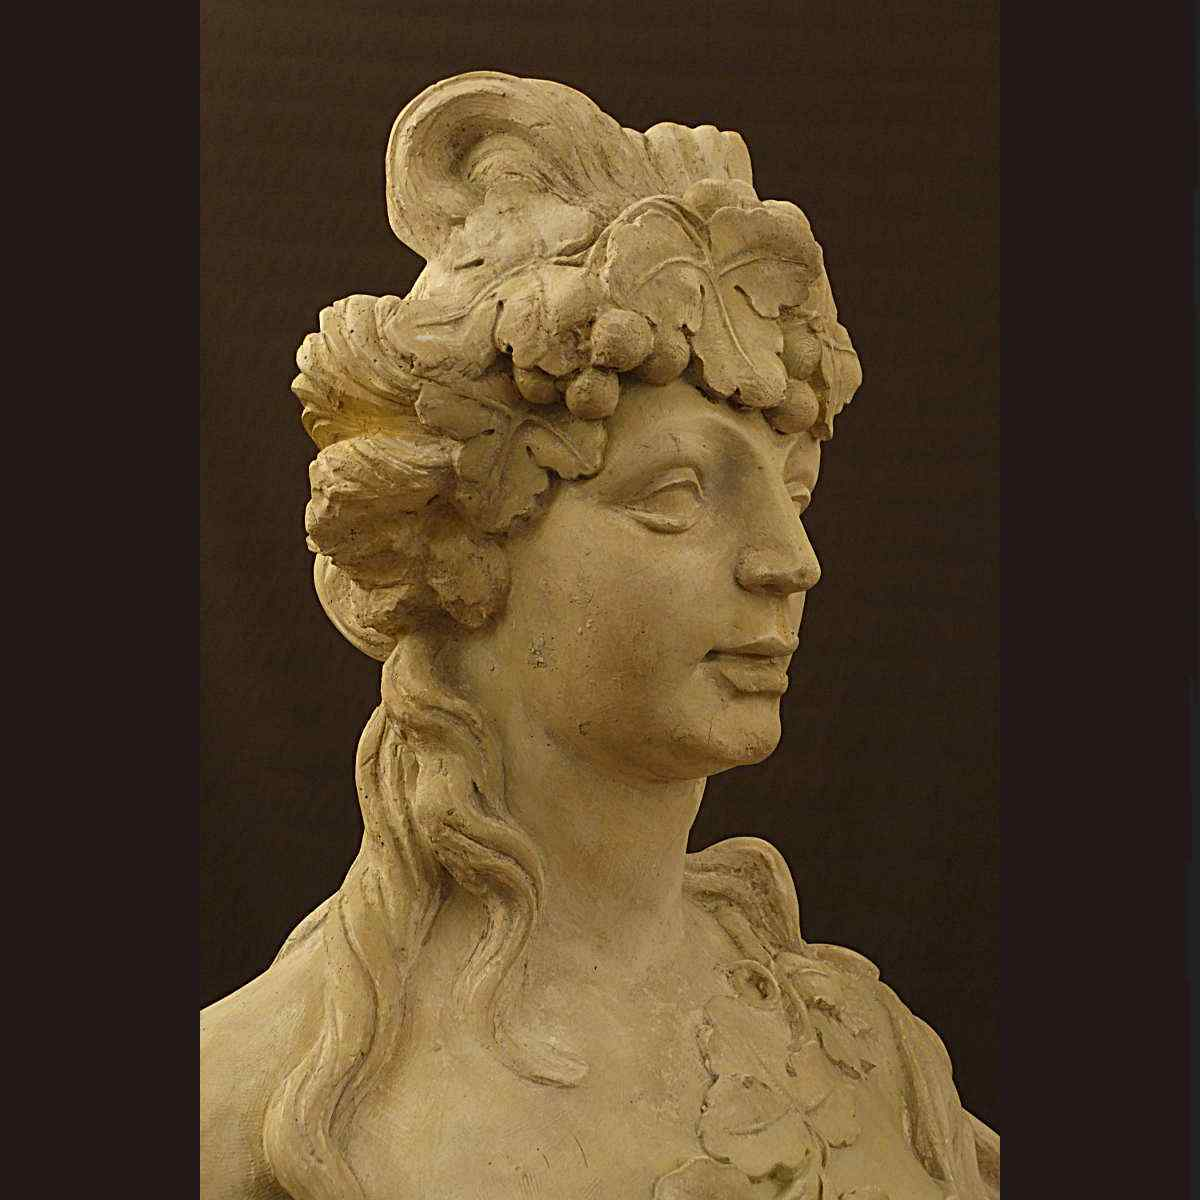 Importante Busto di gesso XIX Secolo Stile Louis XIV